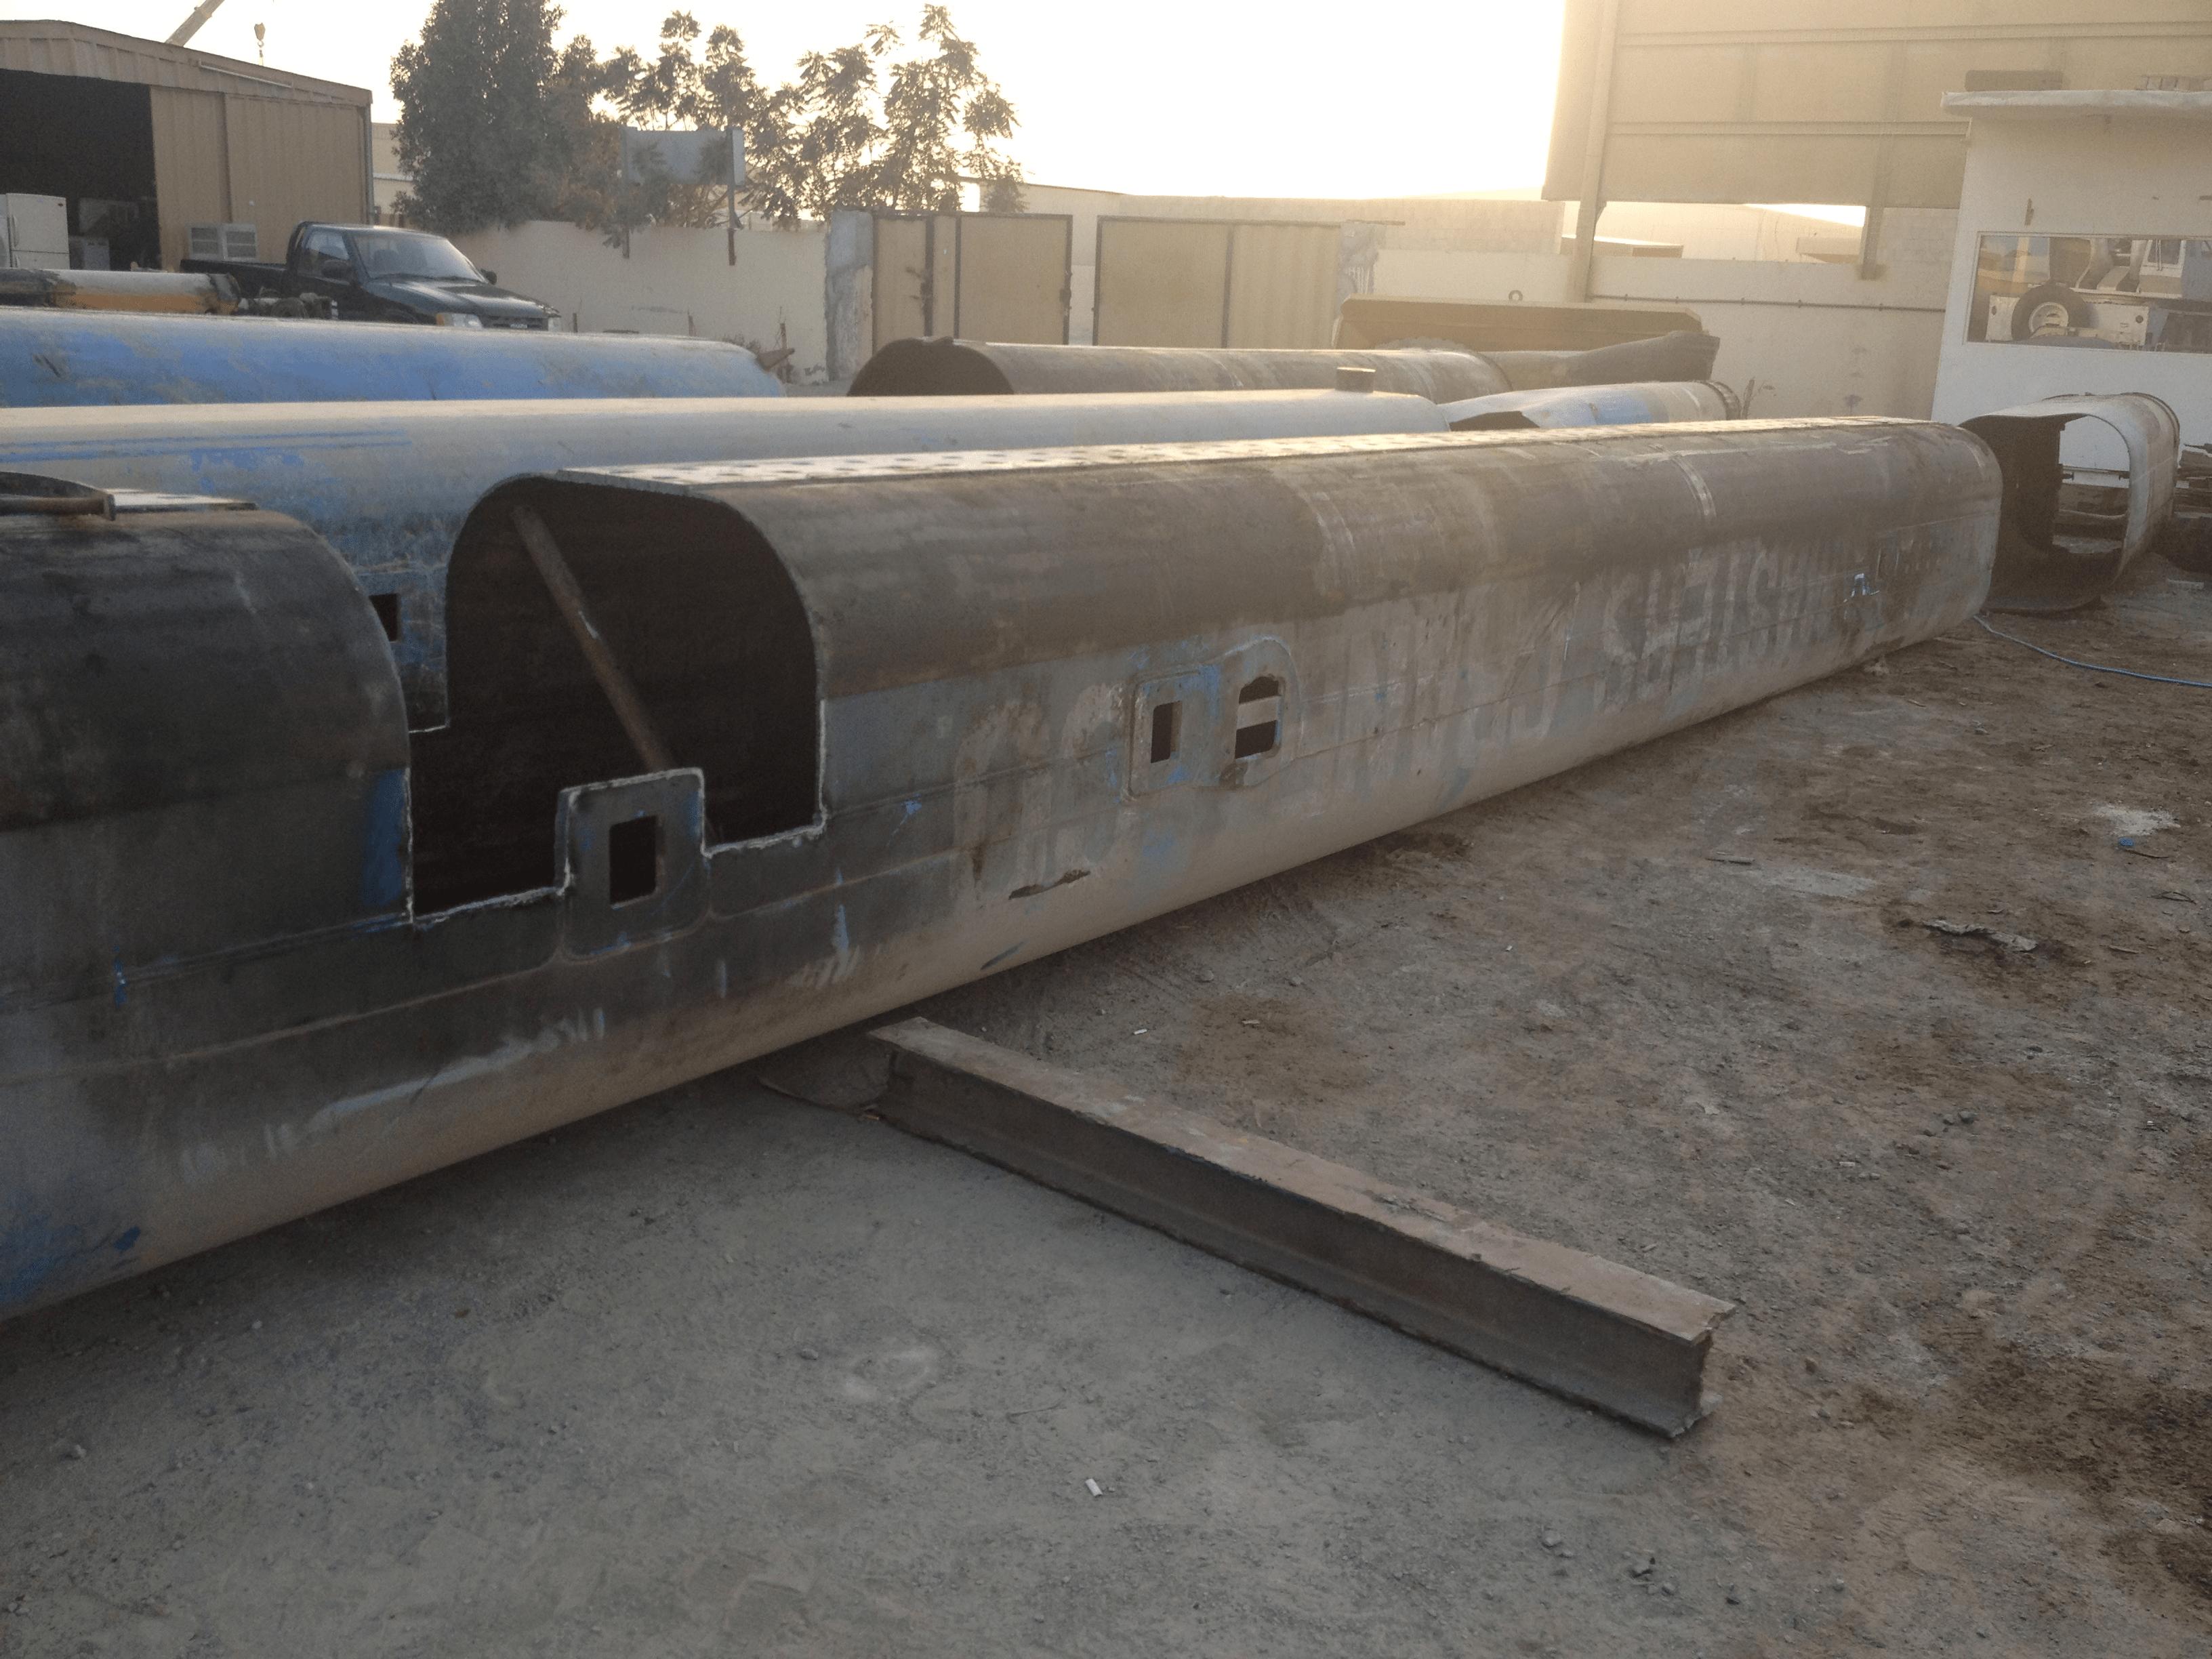 Fabrication work | AL RASHIDEEN ENGINEERING TURNING